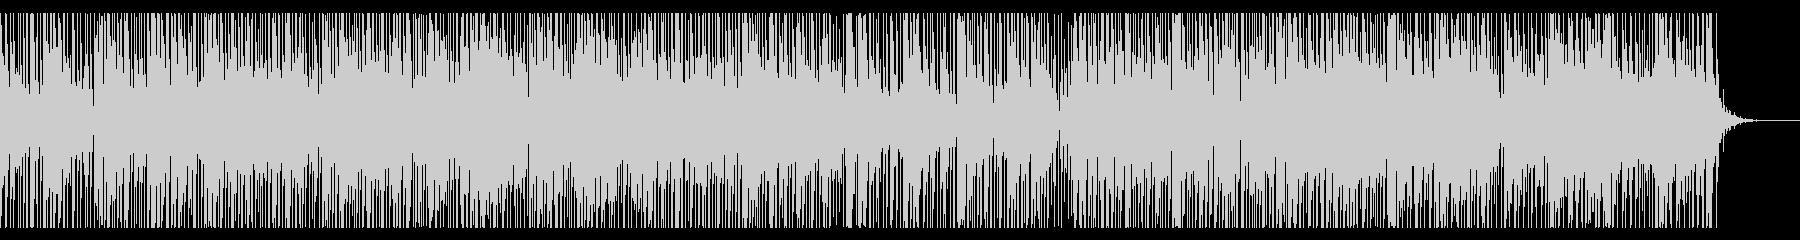 リズミカルで切ない雰囲気の曲の未再生の波形